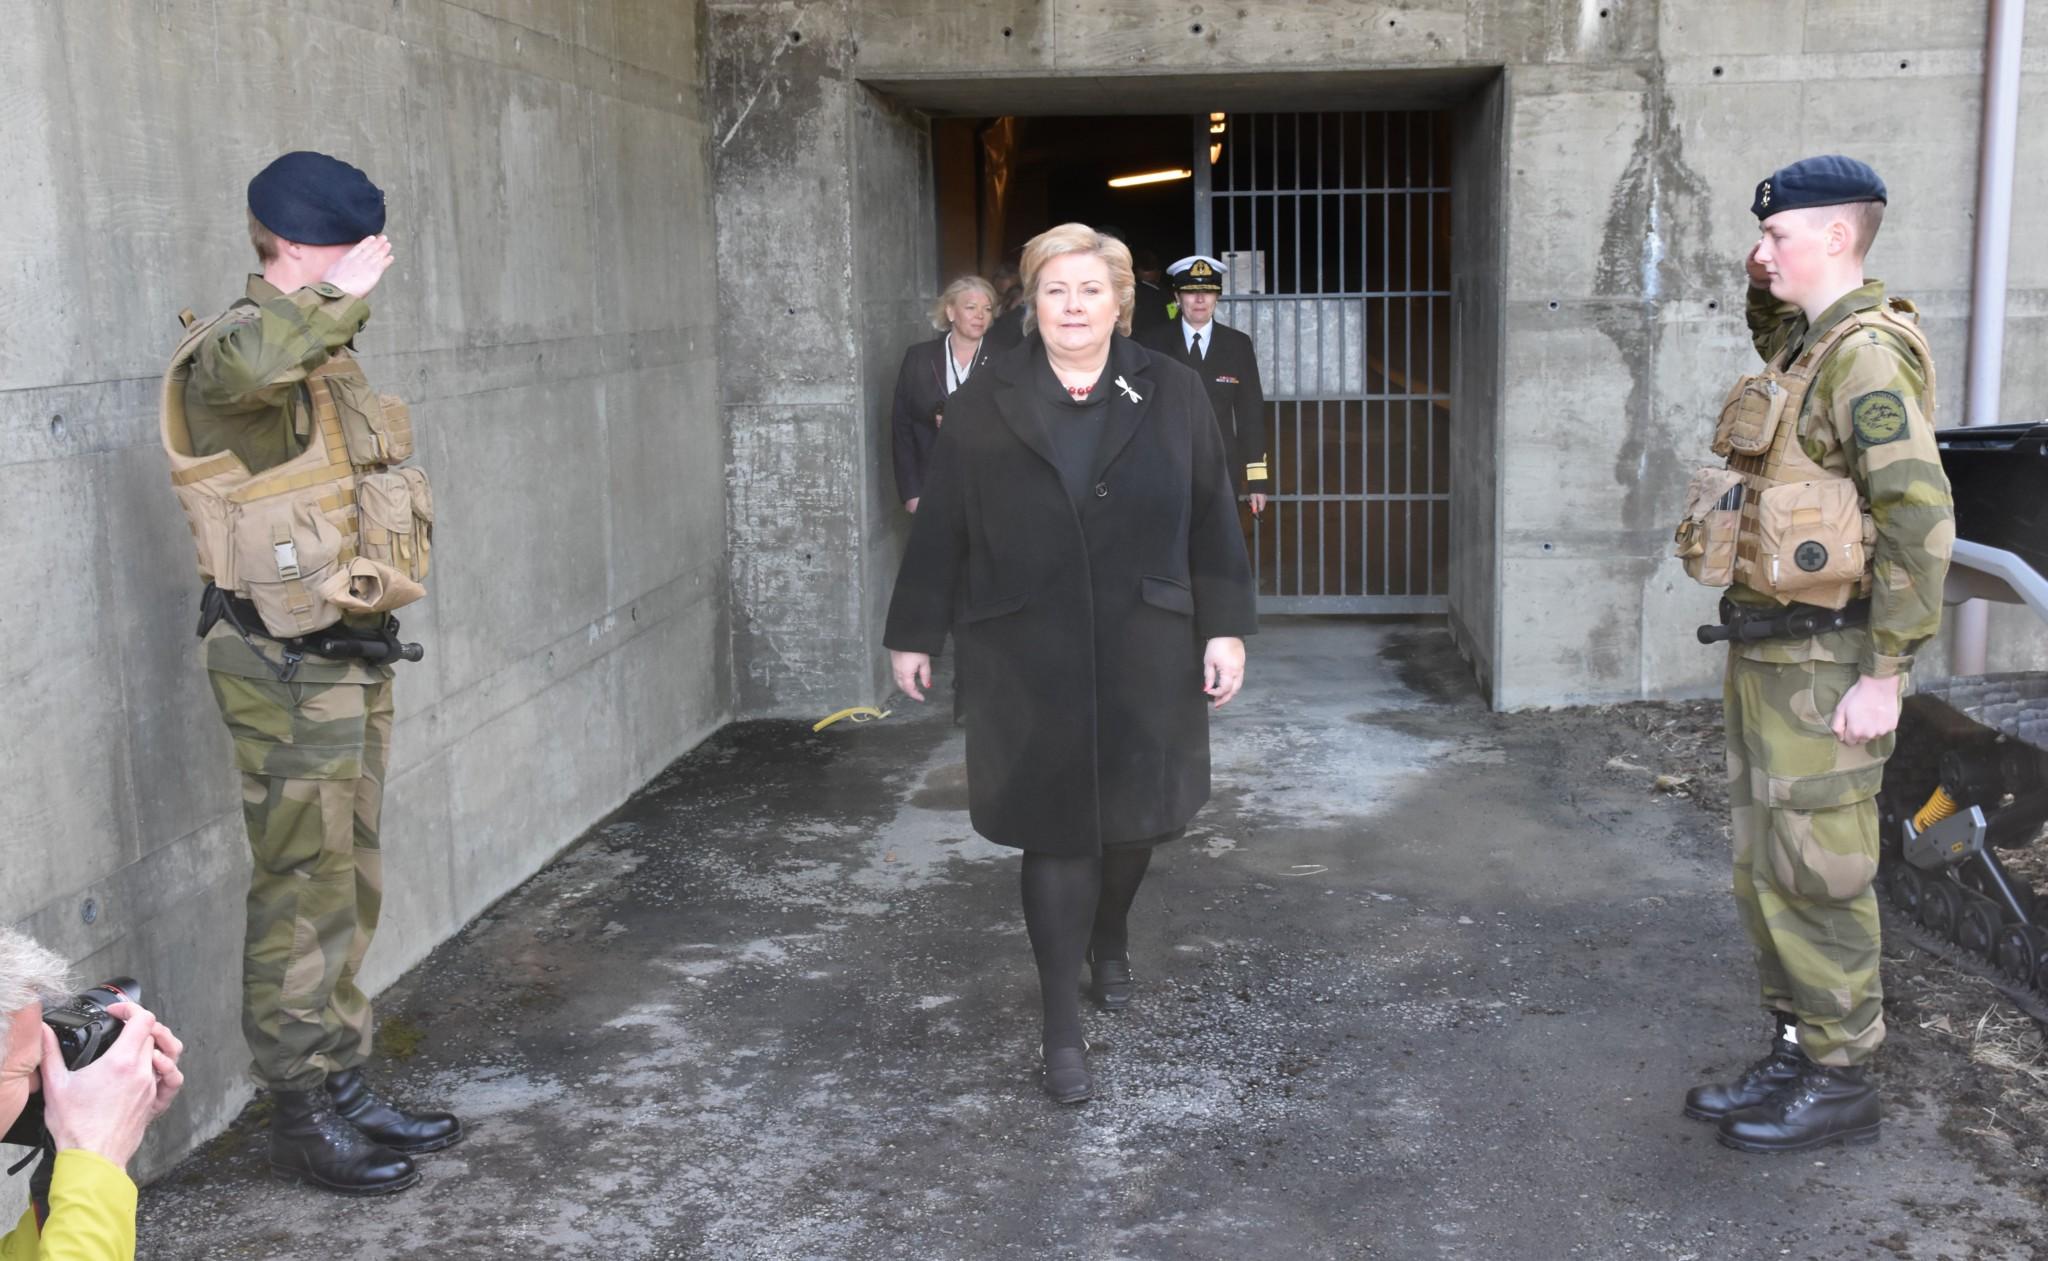 Statsminister Erna Solberg på Evenes flystasjon sommeren 2018. Foto: ALF RAGNAR OLSEN / ALDRIMER.NO